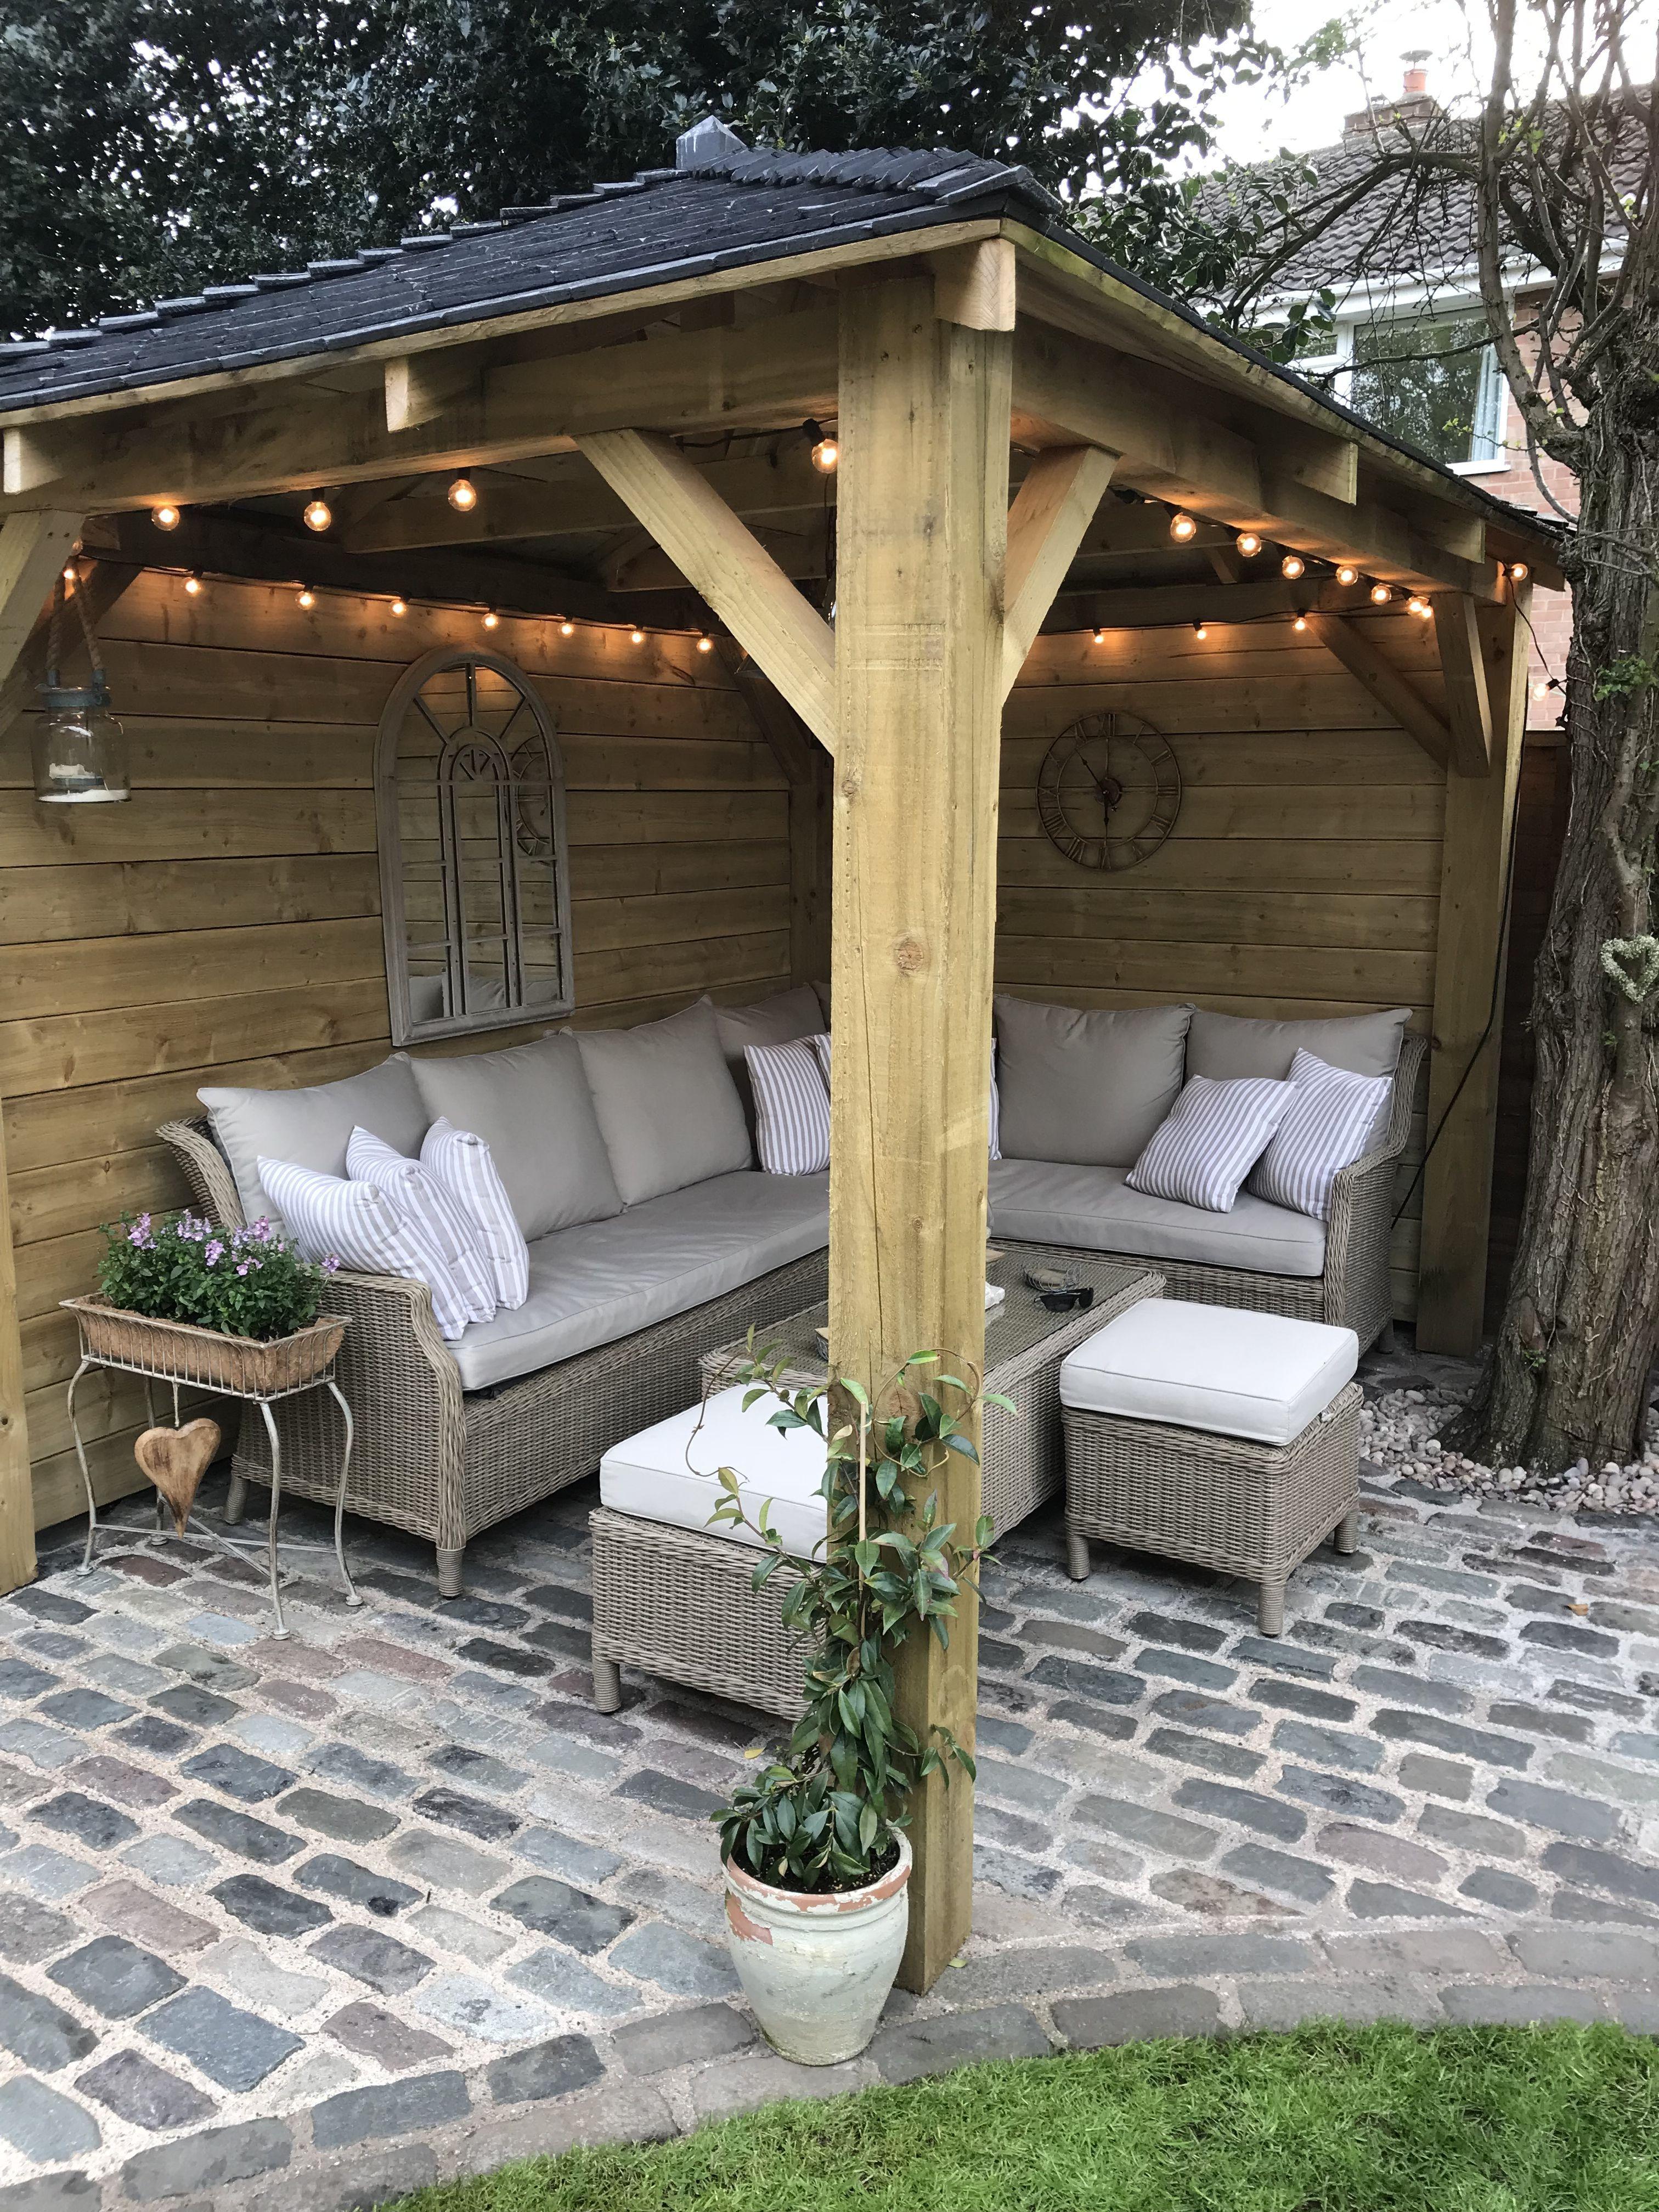 Homemade Wooden Gazebo Cobbles Garden Lights Outdoor Sofa Outdoor Seating Alfresco Lou Outdoor Patio Ideas Backyards Small Patio Design Patio Deck Designs